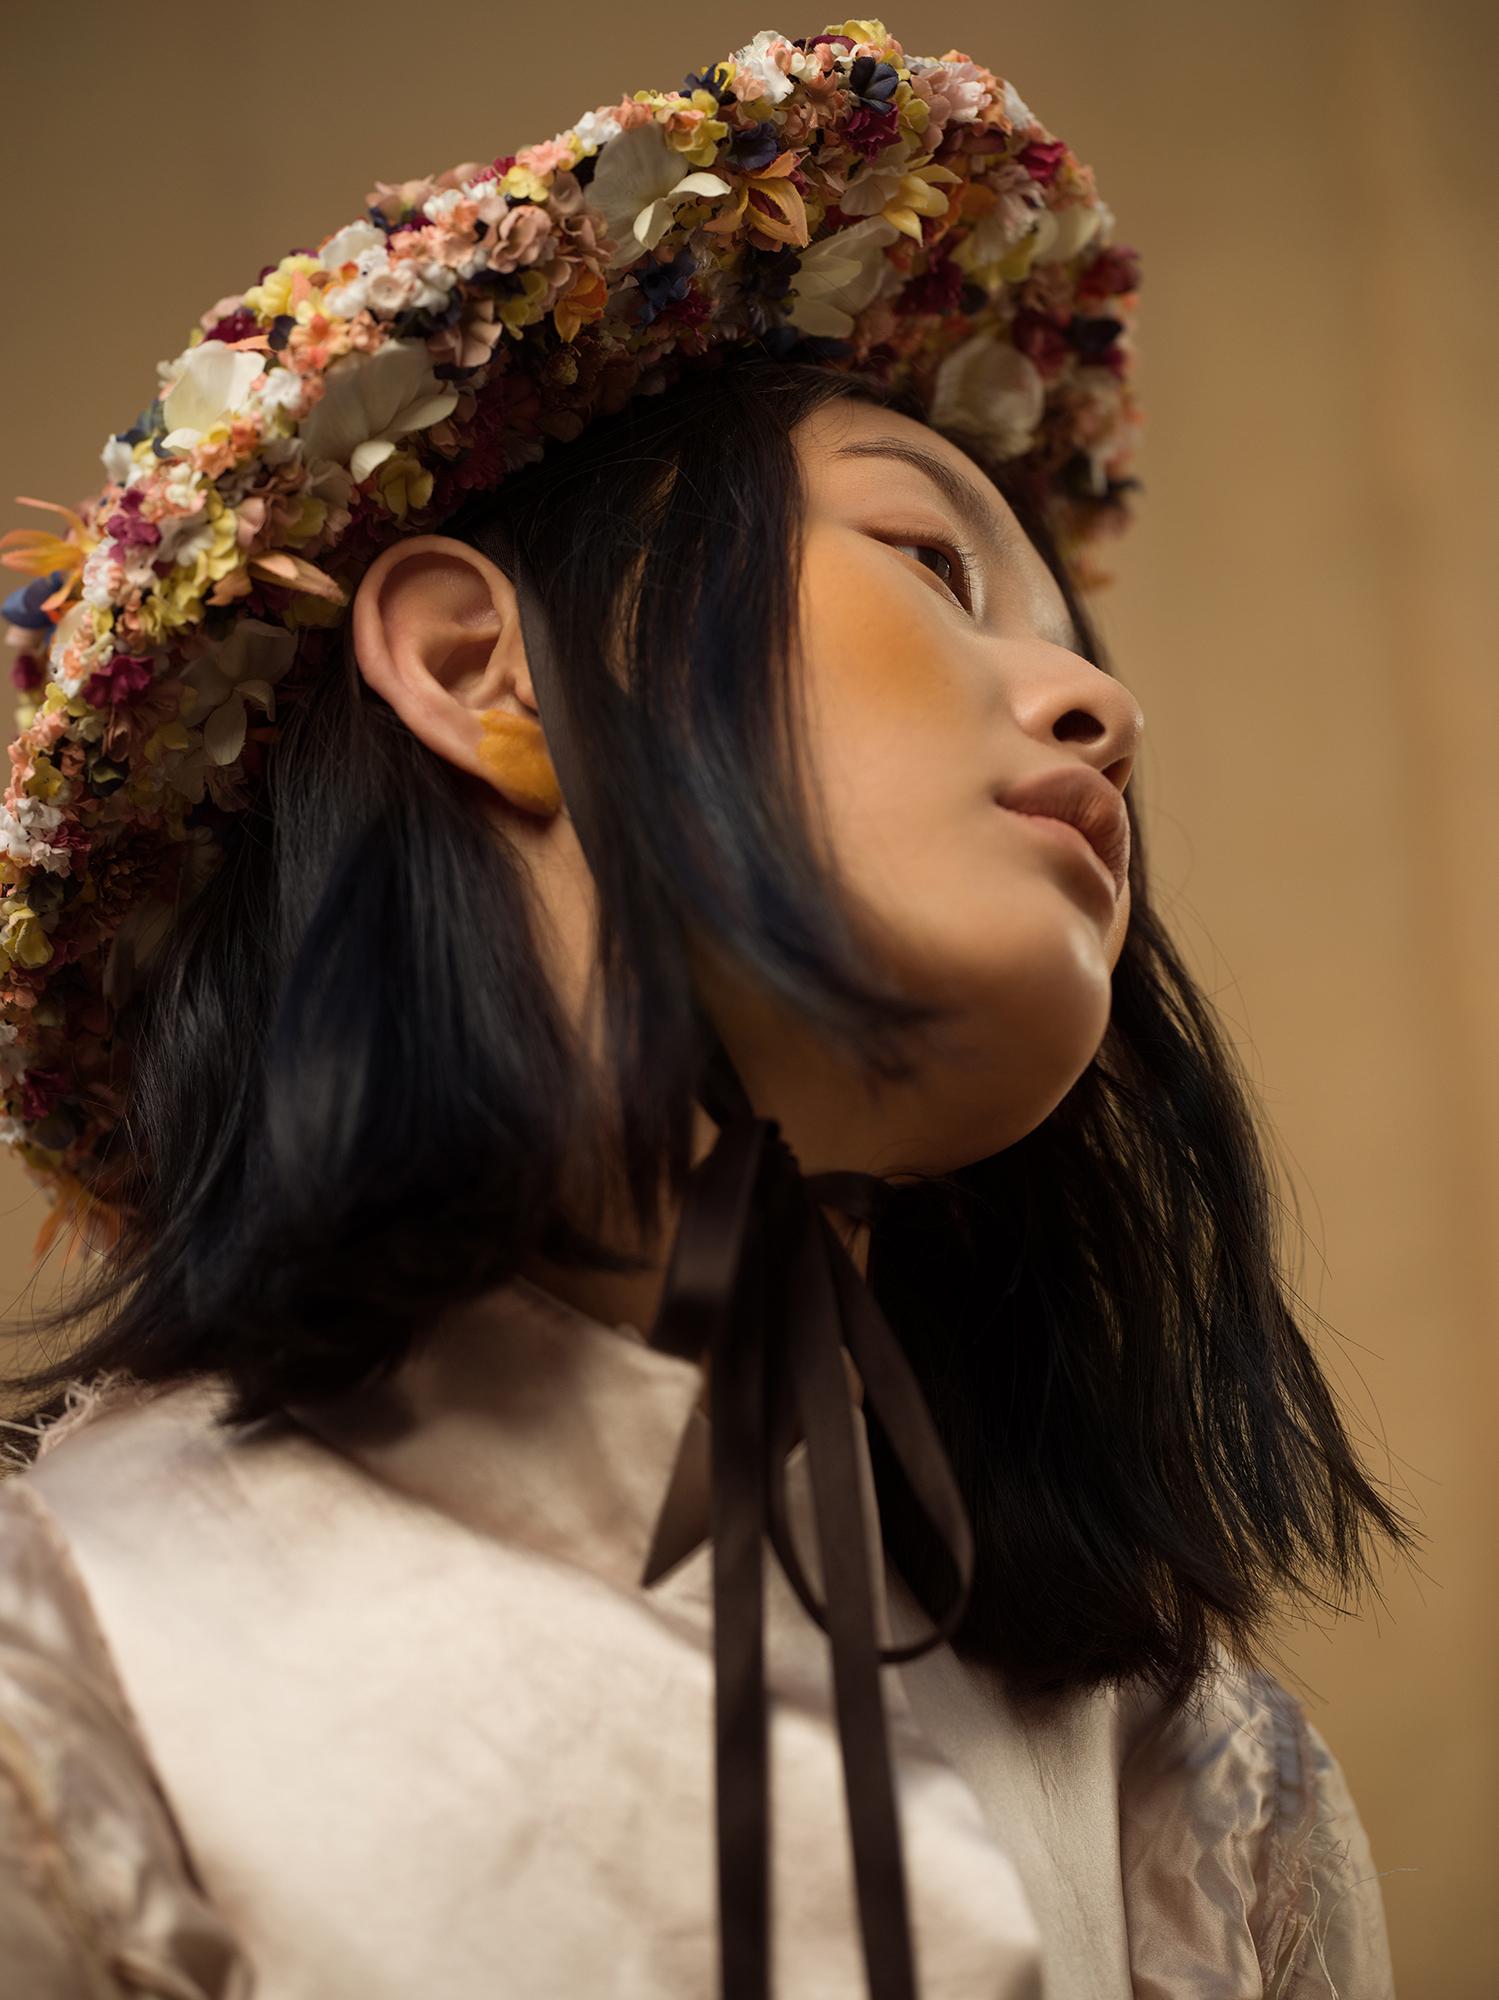 ©Violetta König, Beautyarchives Mag